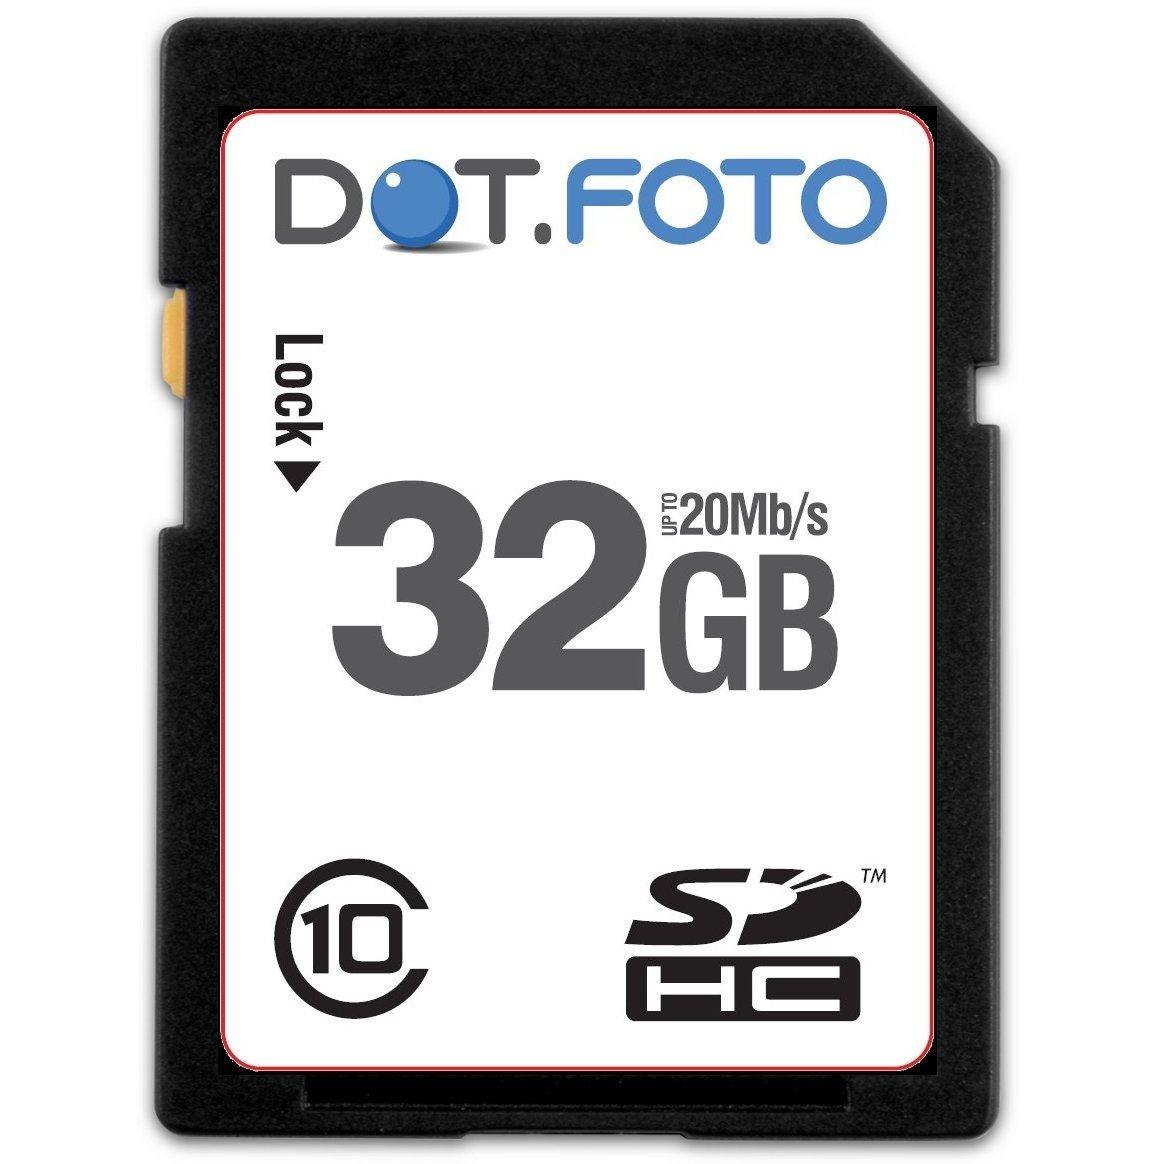 Dot.Foto - 32 Go Carte mémoire SDHC Classe 10 - 20Mo/sec pour Samsung NX Appareils photo [Pour la compatibilité voir la description] DOTSDH32G10DB